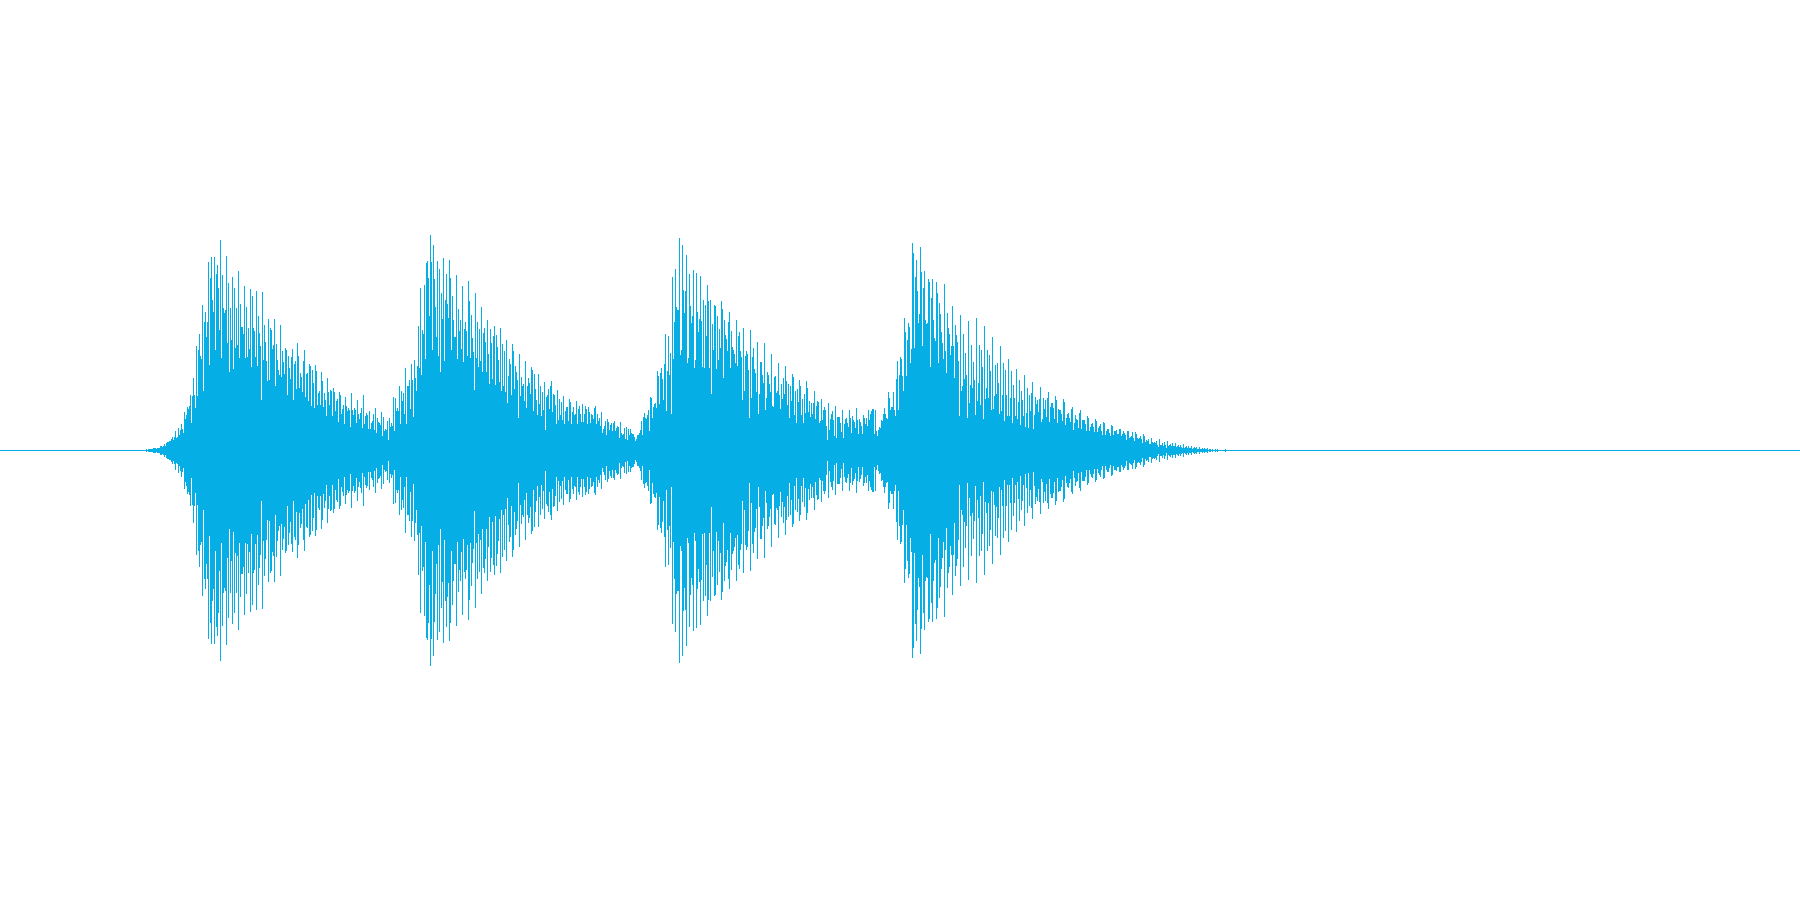 ファミコン風効果音 キャンセル系 14の再生済みの波形